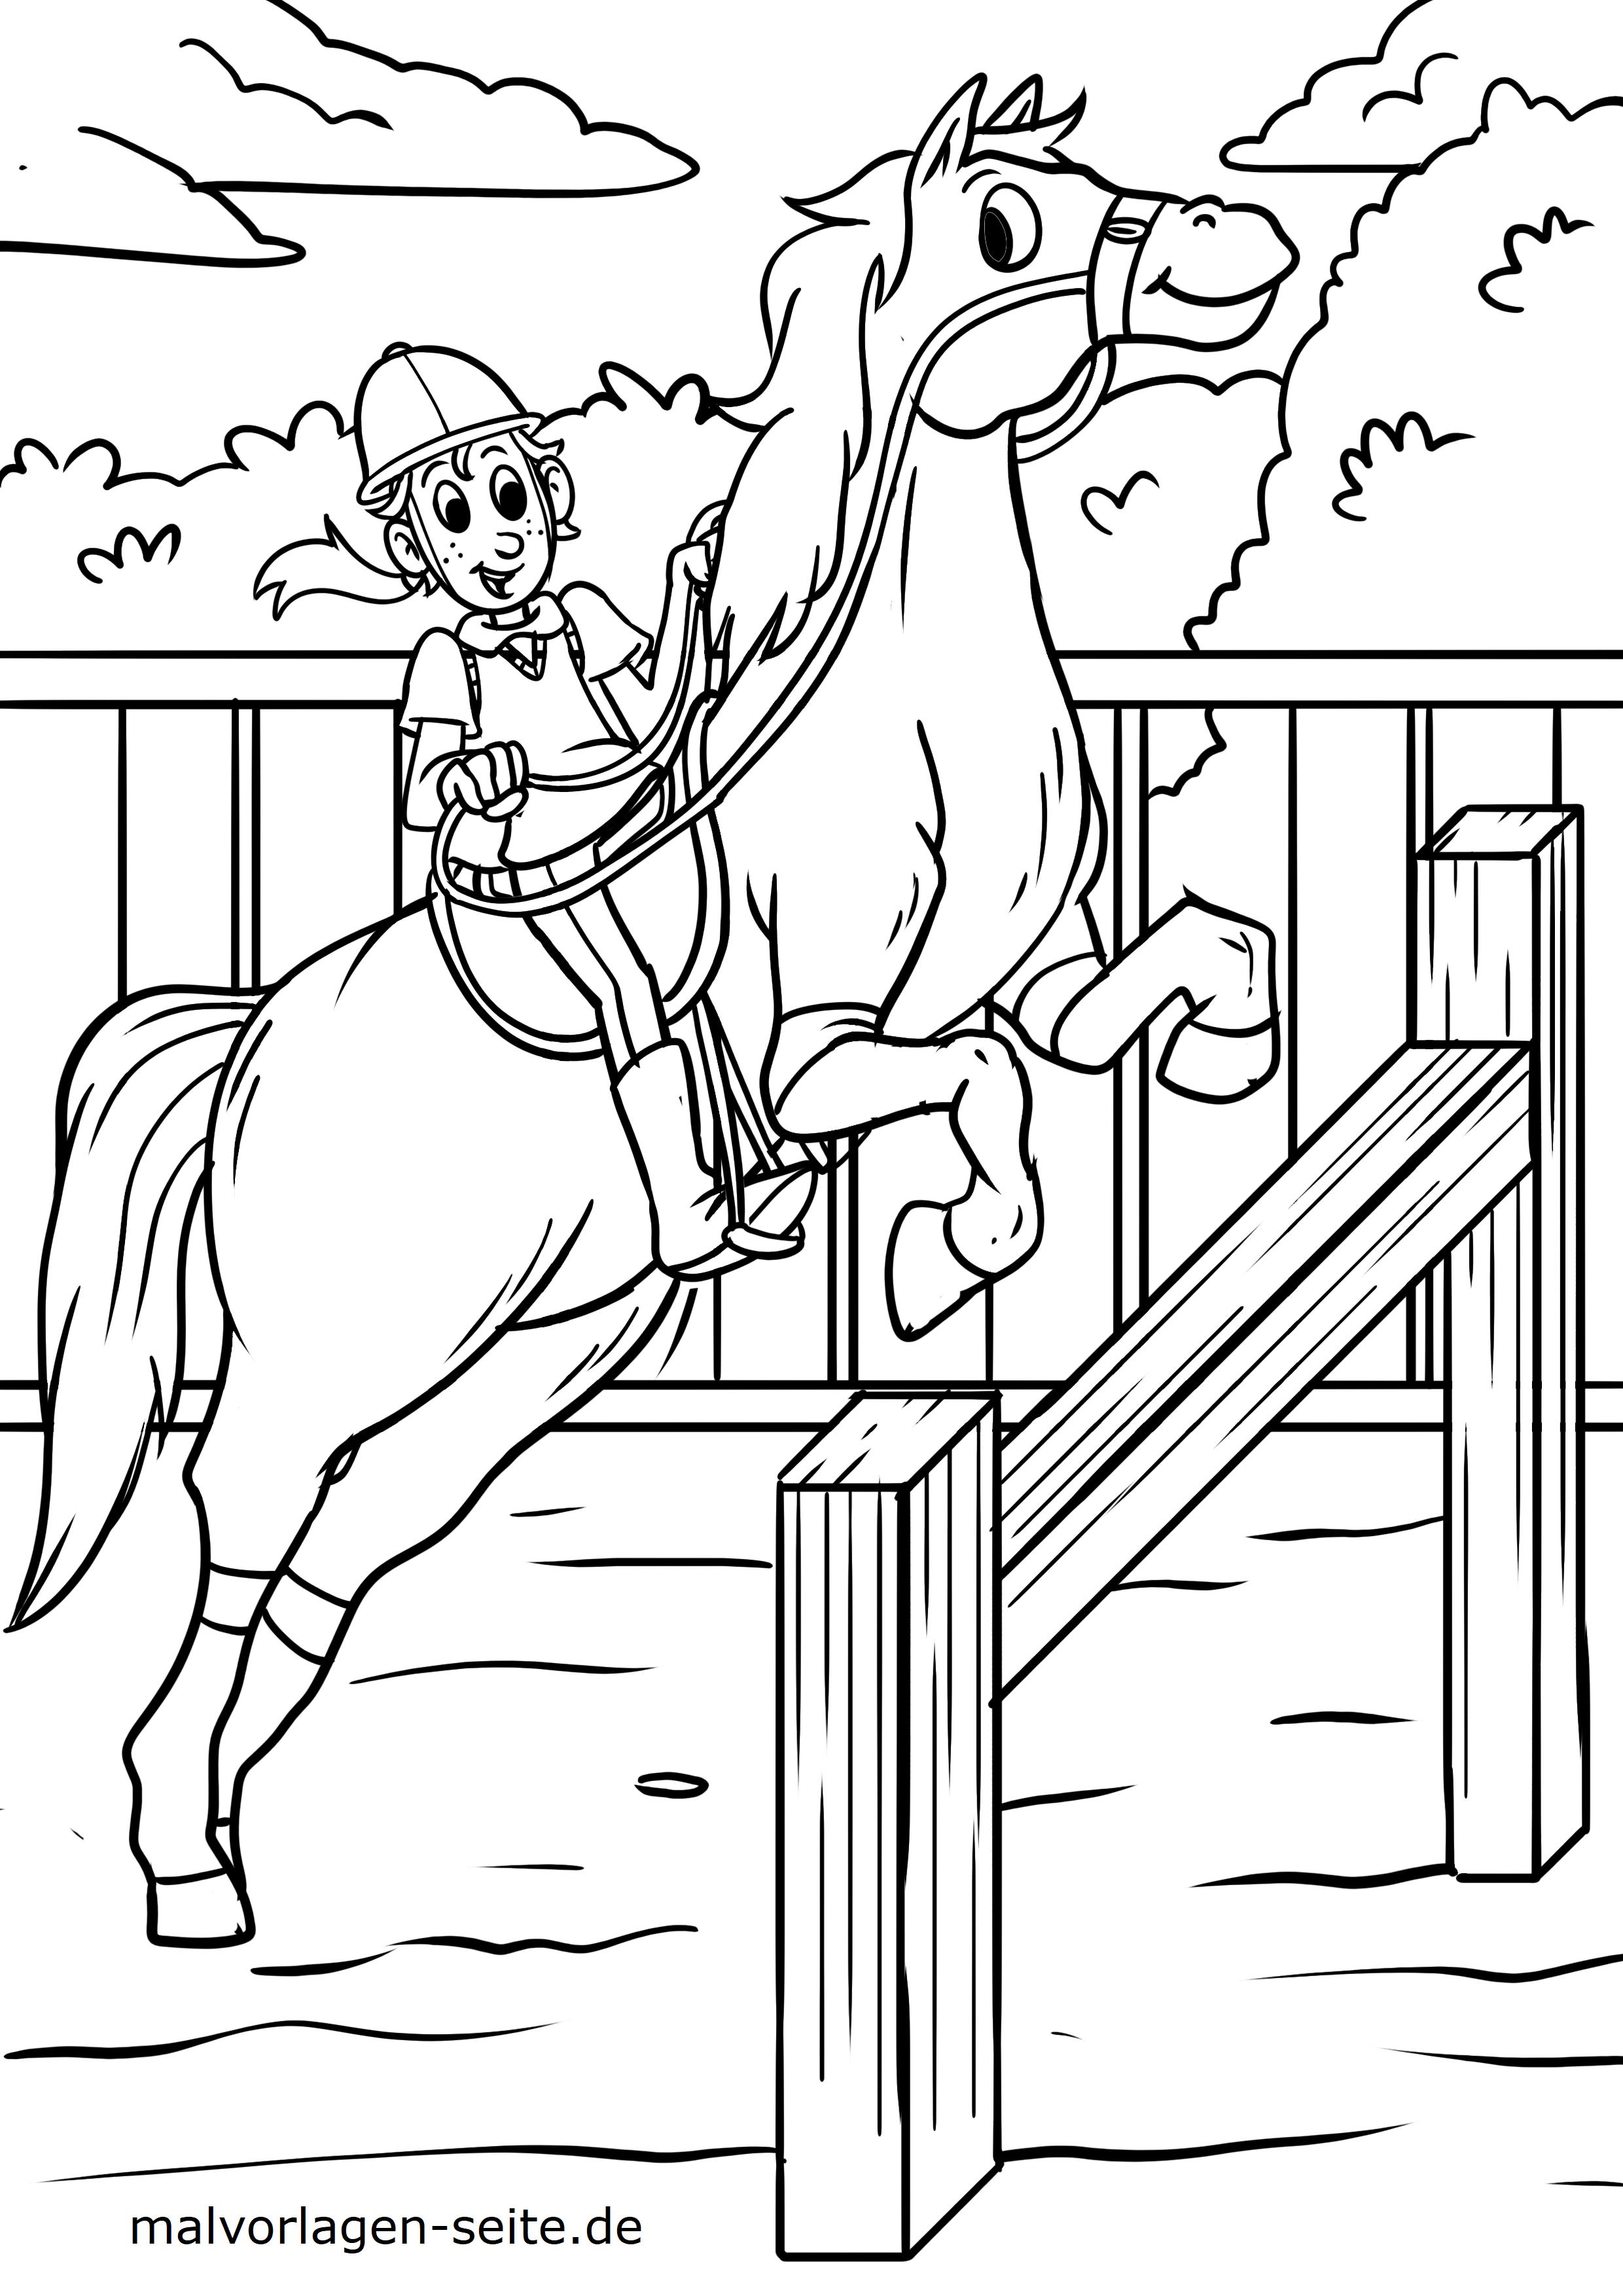 Malvorlage Pferd Springreiten Gratis Malvorlagen Zum Download